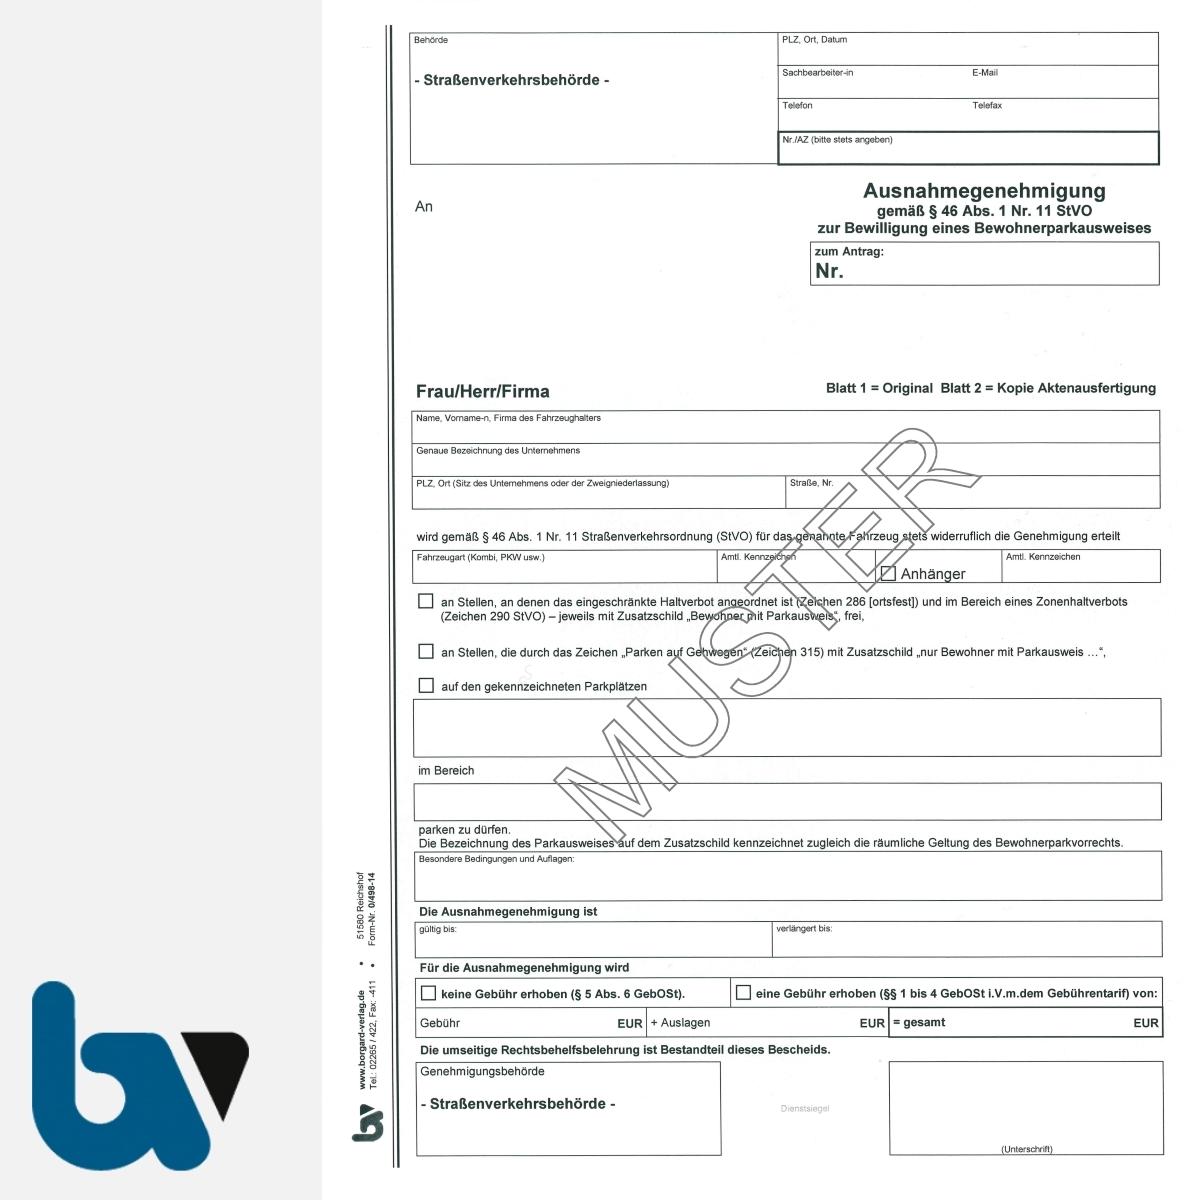 0/498-14 Ausnahmegenehmigung 46 Straßenverkehrsordnung StVO Bewilligung Bewohnerparkausweis selbstdurchschreibend DIN A4 2-fach VS | Borgard Verlag GmbH